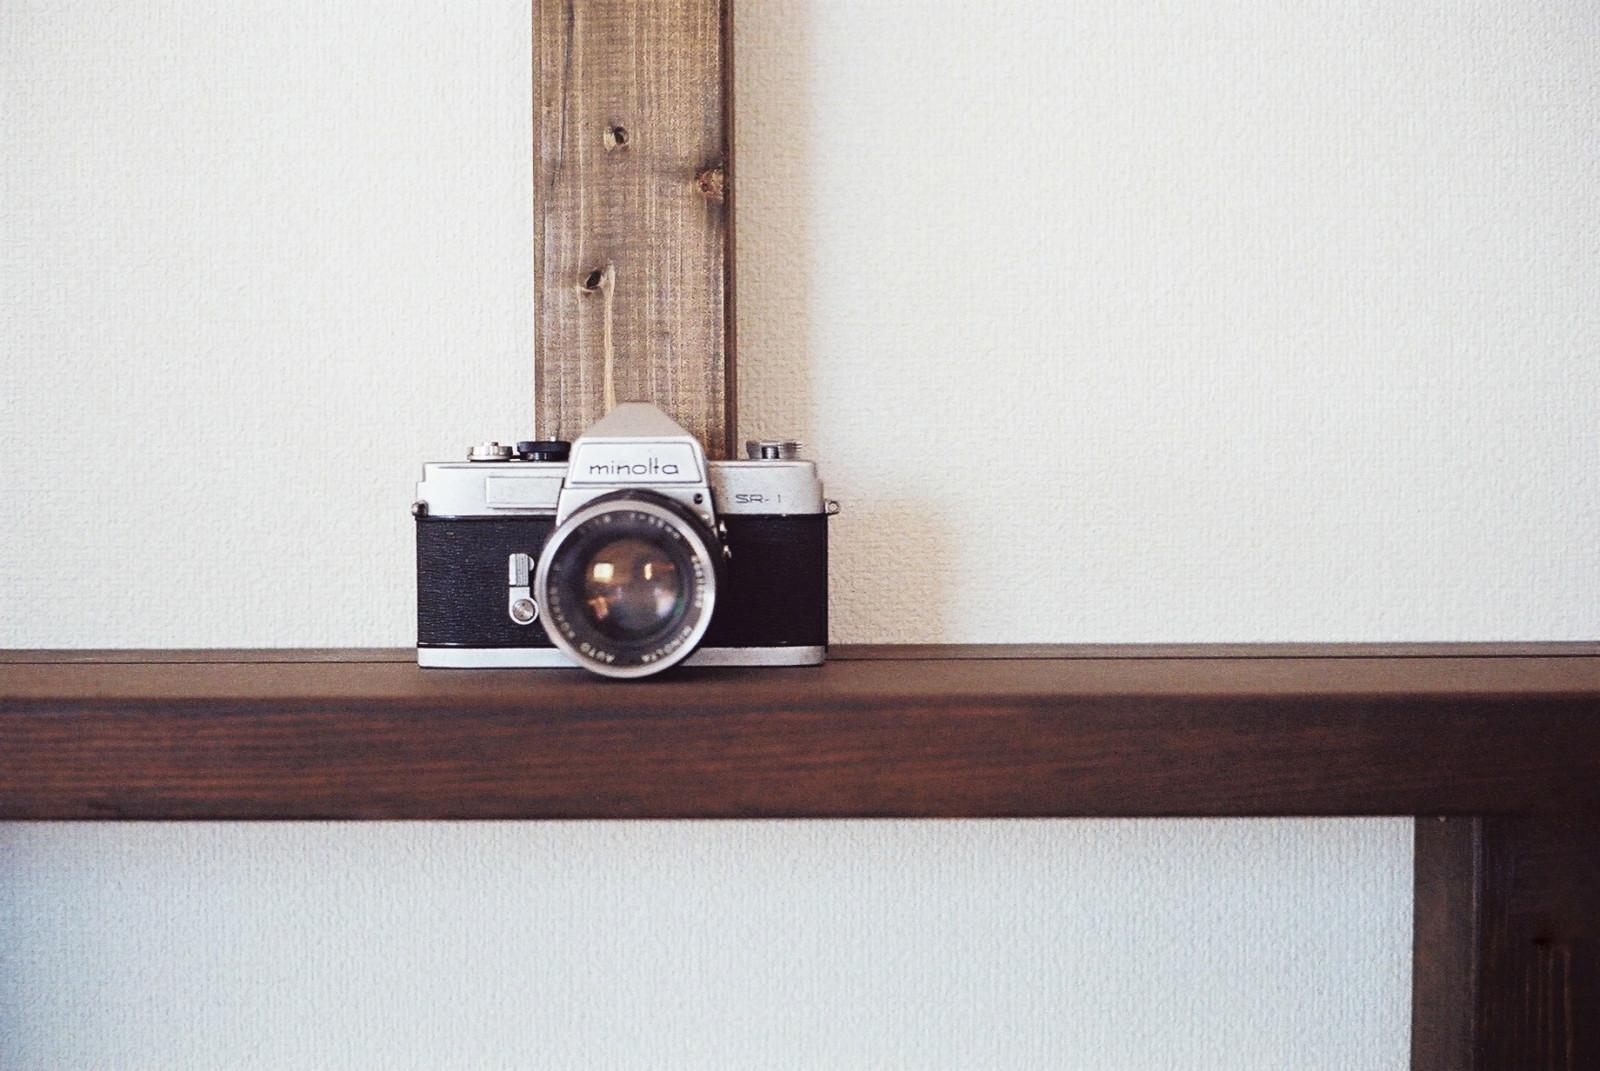 Hintergrundbilder : innere holz regal minolta eins stock möbel